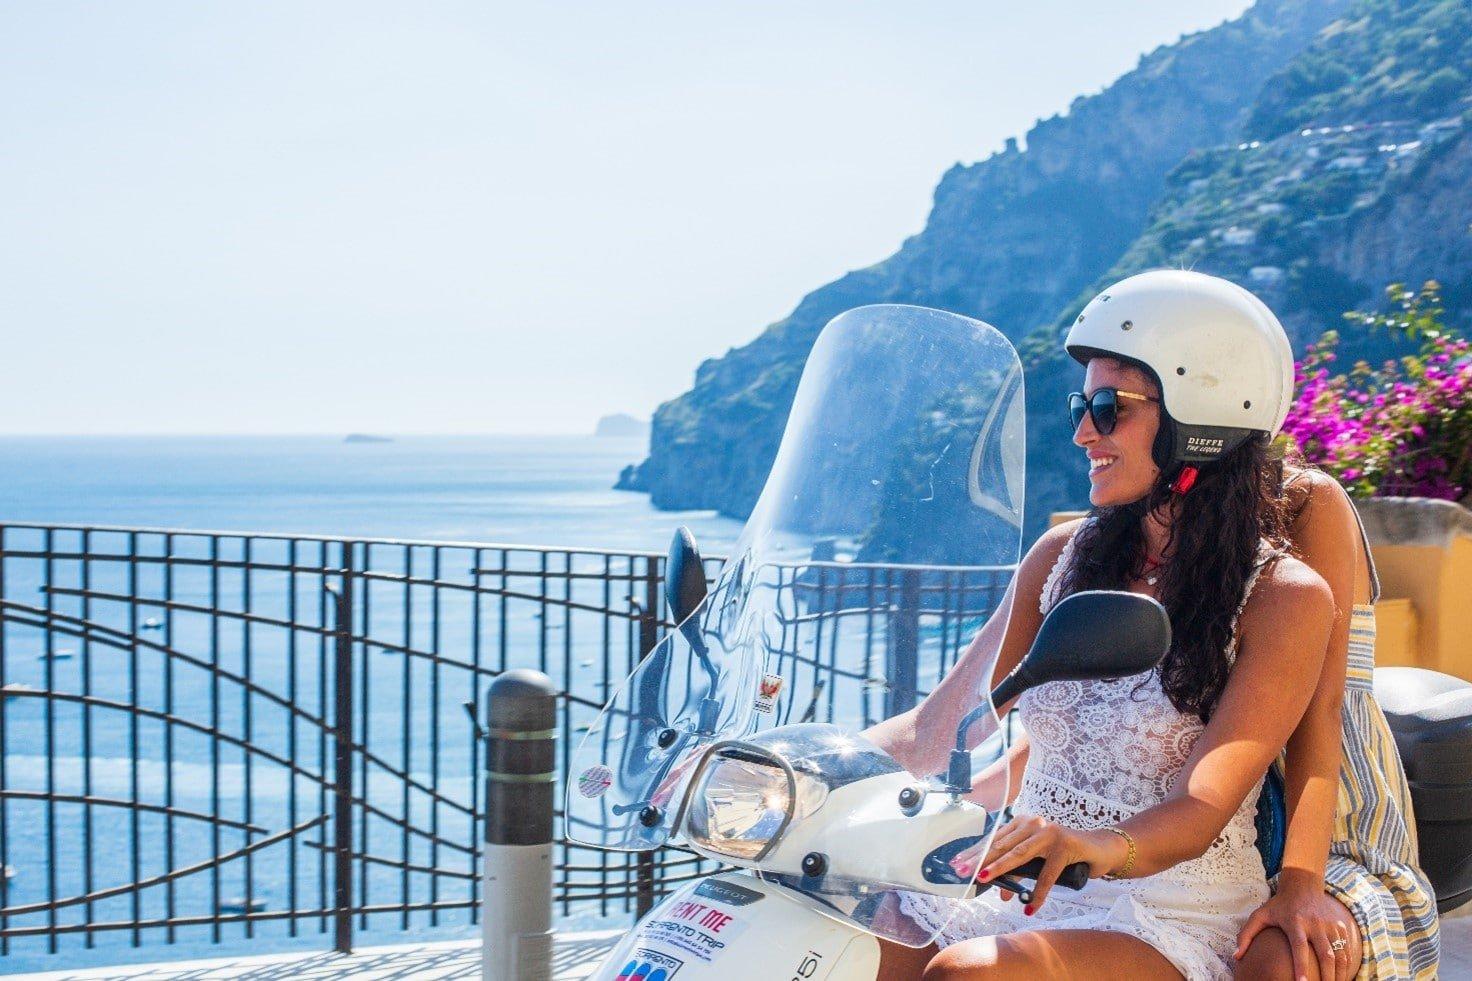 Noleggiare uno scooter per visitare la Costiera Amalfitana